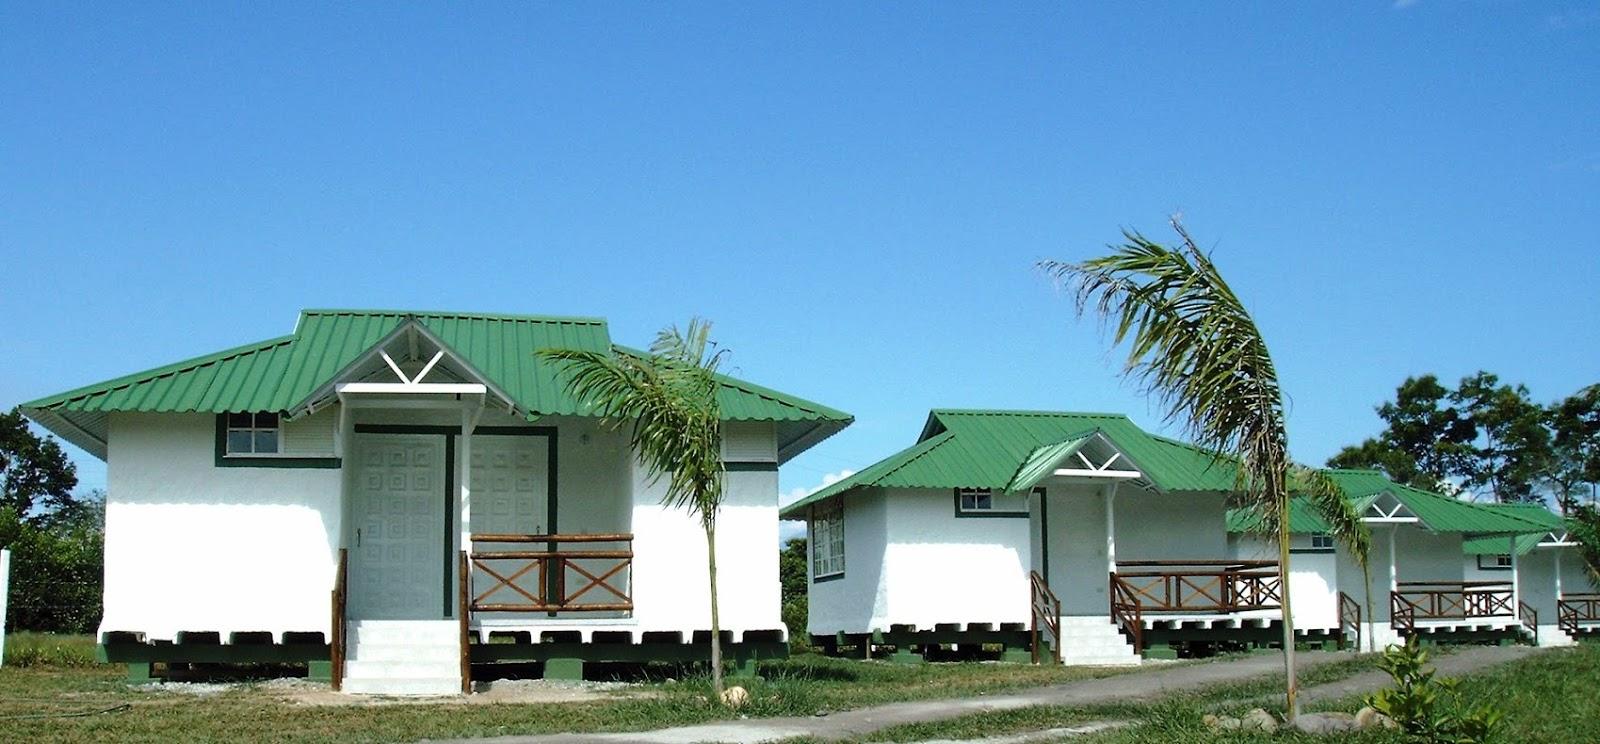 Casas y caba as prefabricadas villavicencio for Disenos de cabanas